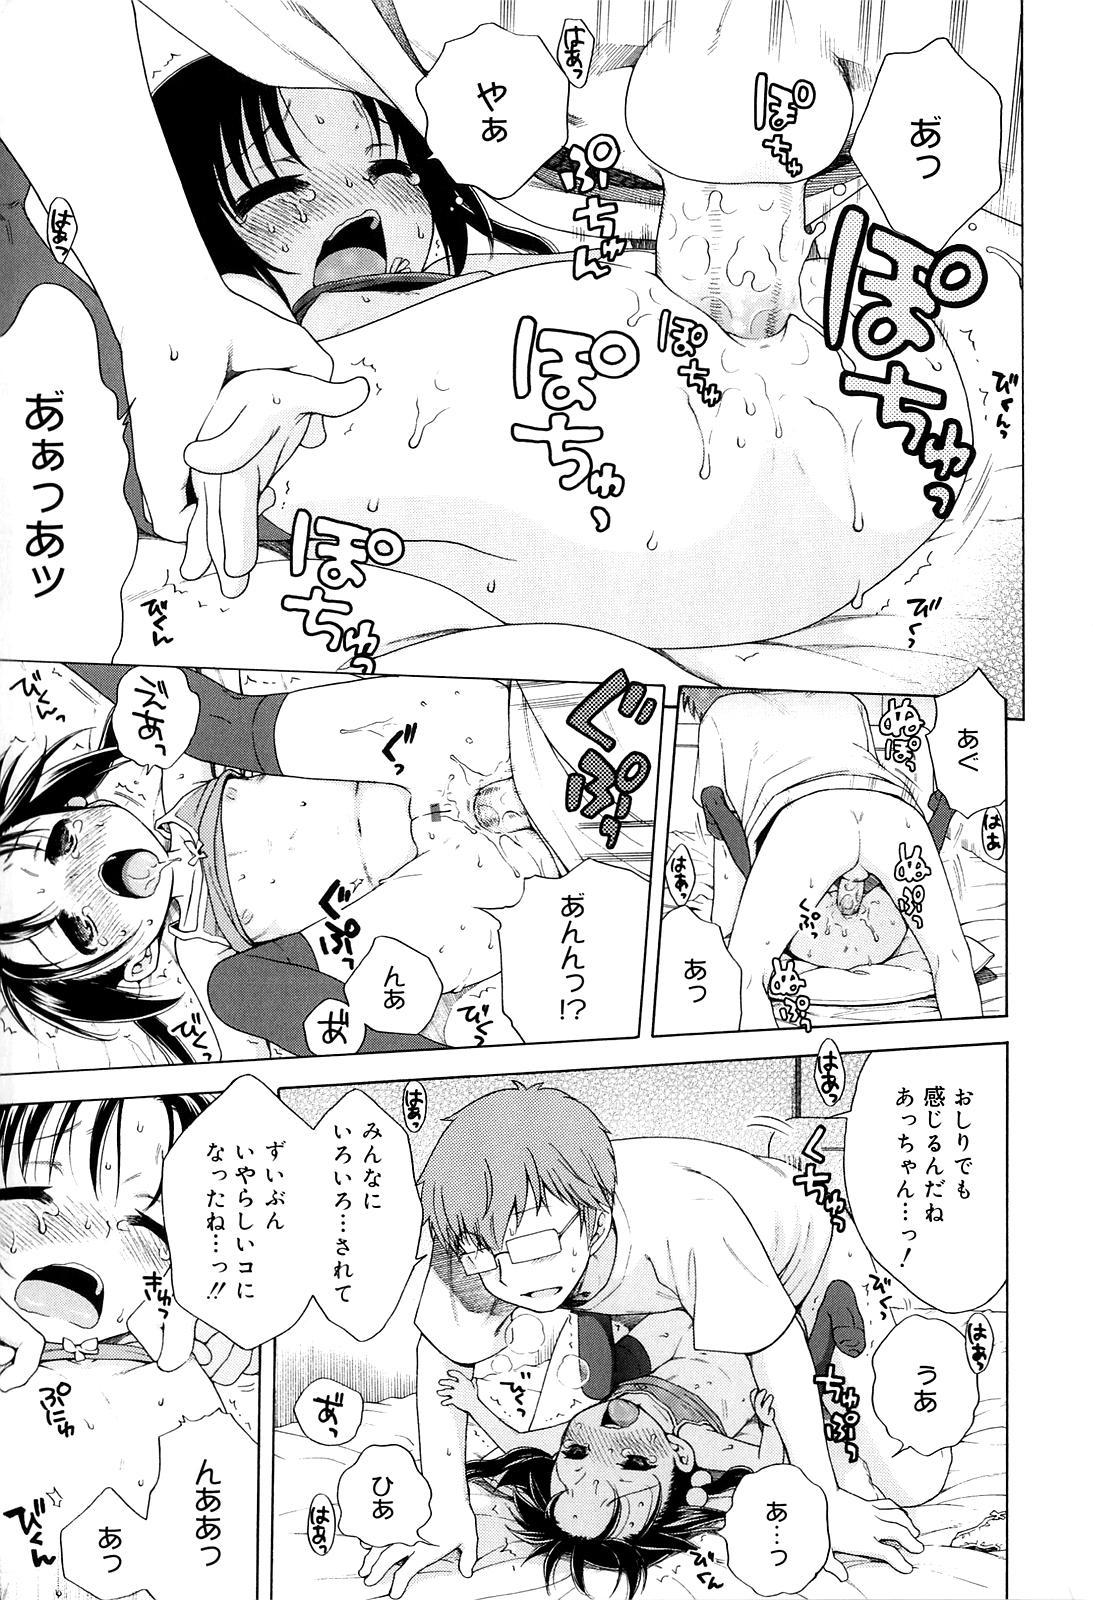 Tsukimisou no Akari 92